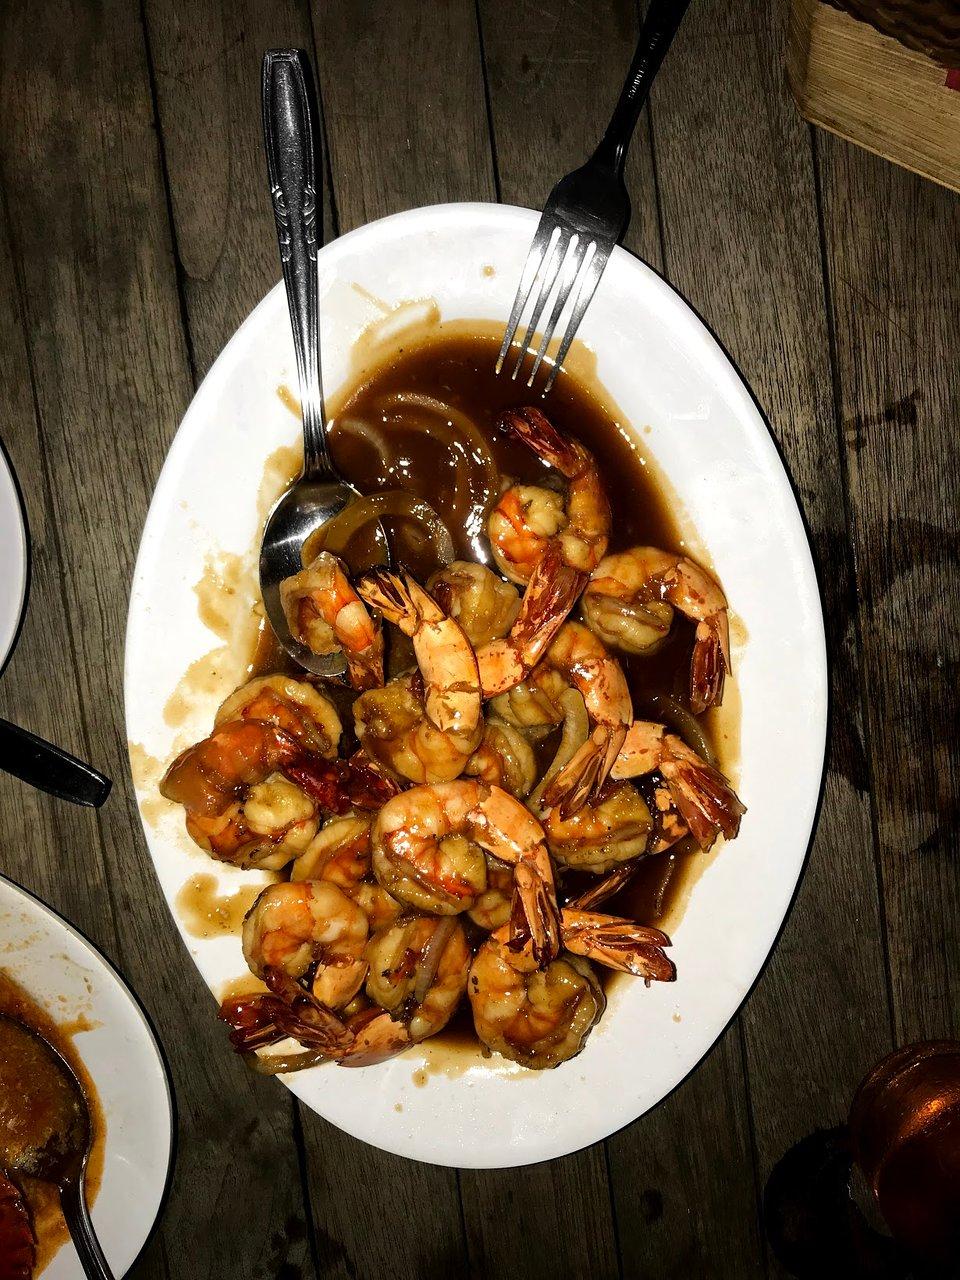 Resep Masak Udang Saus Tiram : resep, masak, udang, tiram, Udang, Tiram, Picture, Bandar, Djakarta, Sutera,, Serpong, Tripadvisor